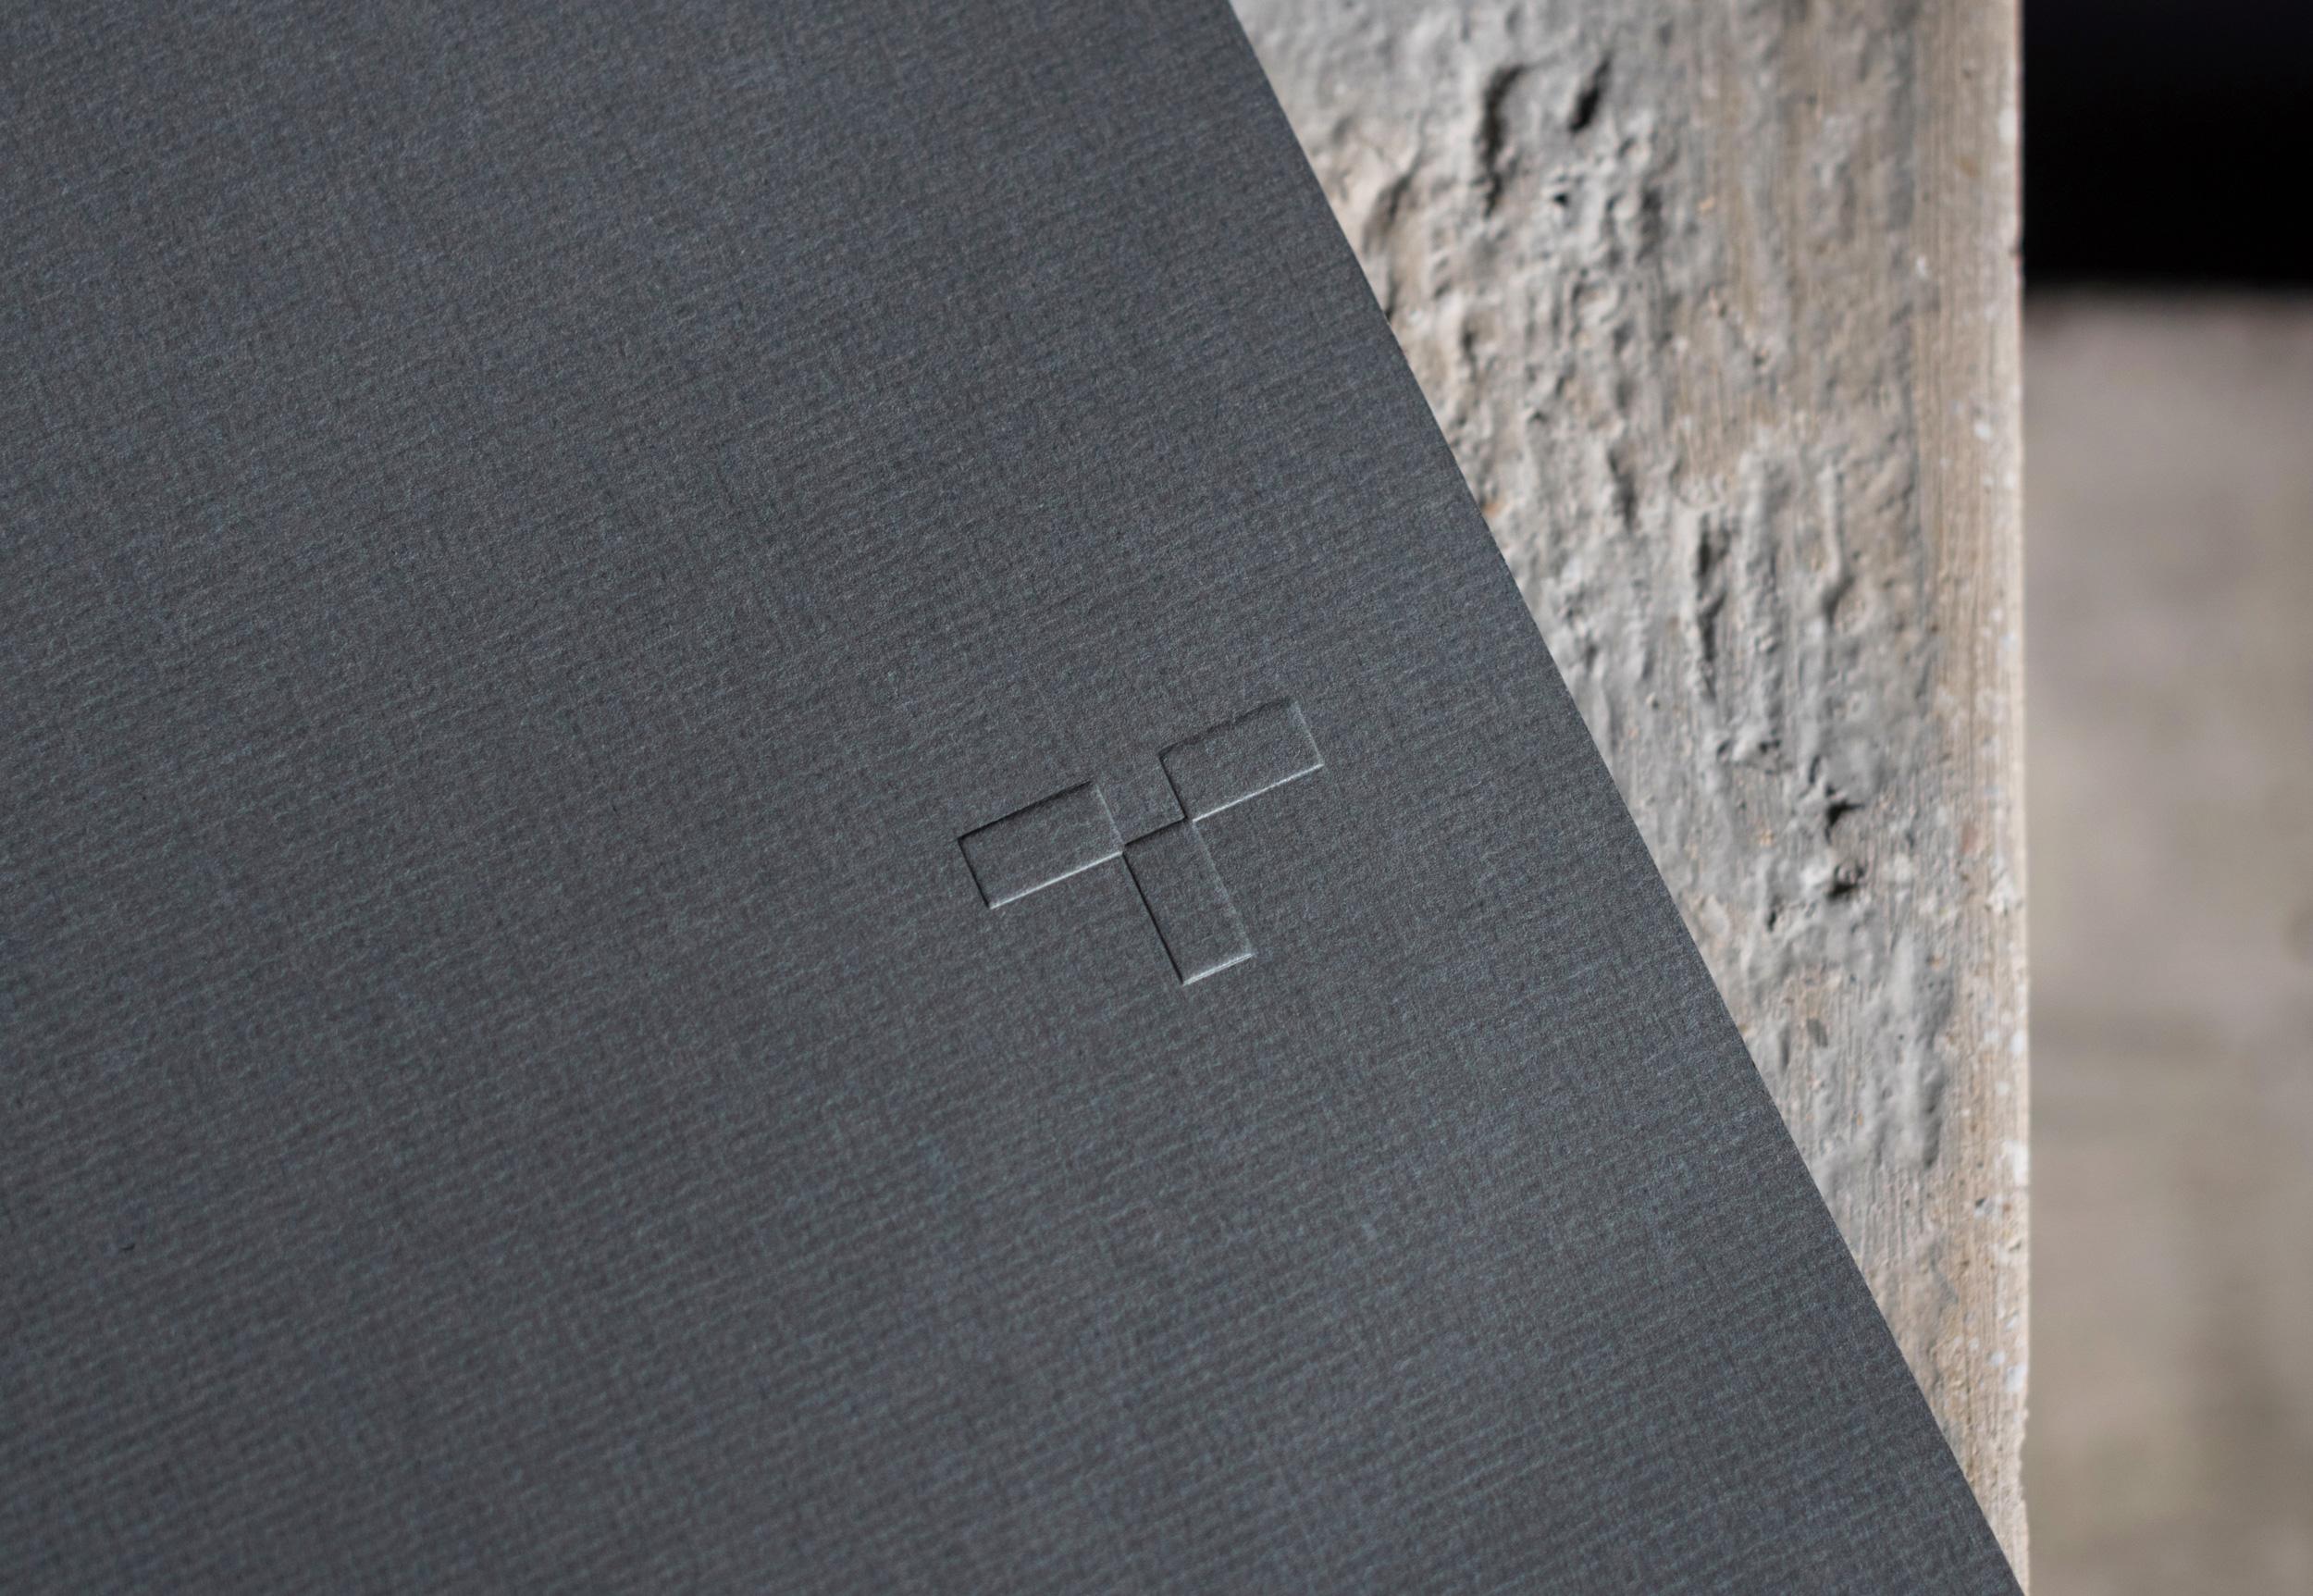 TUM_Vegrande_There_HD_09-close.jpg